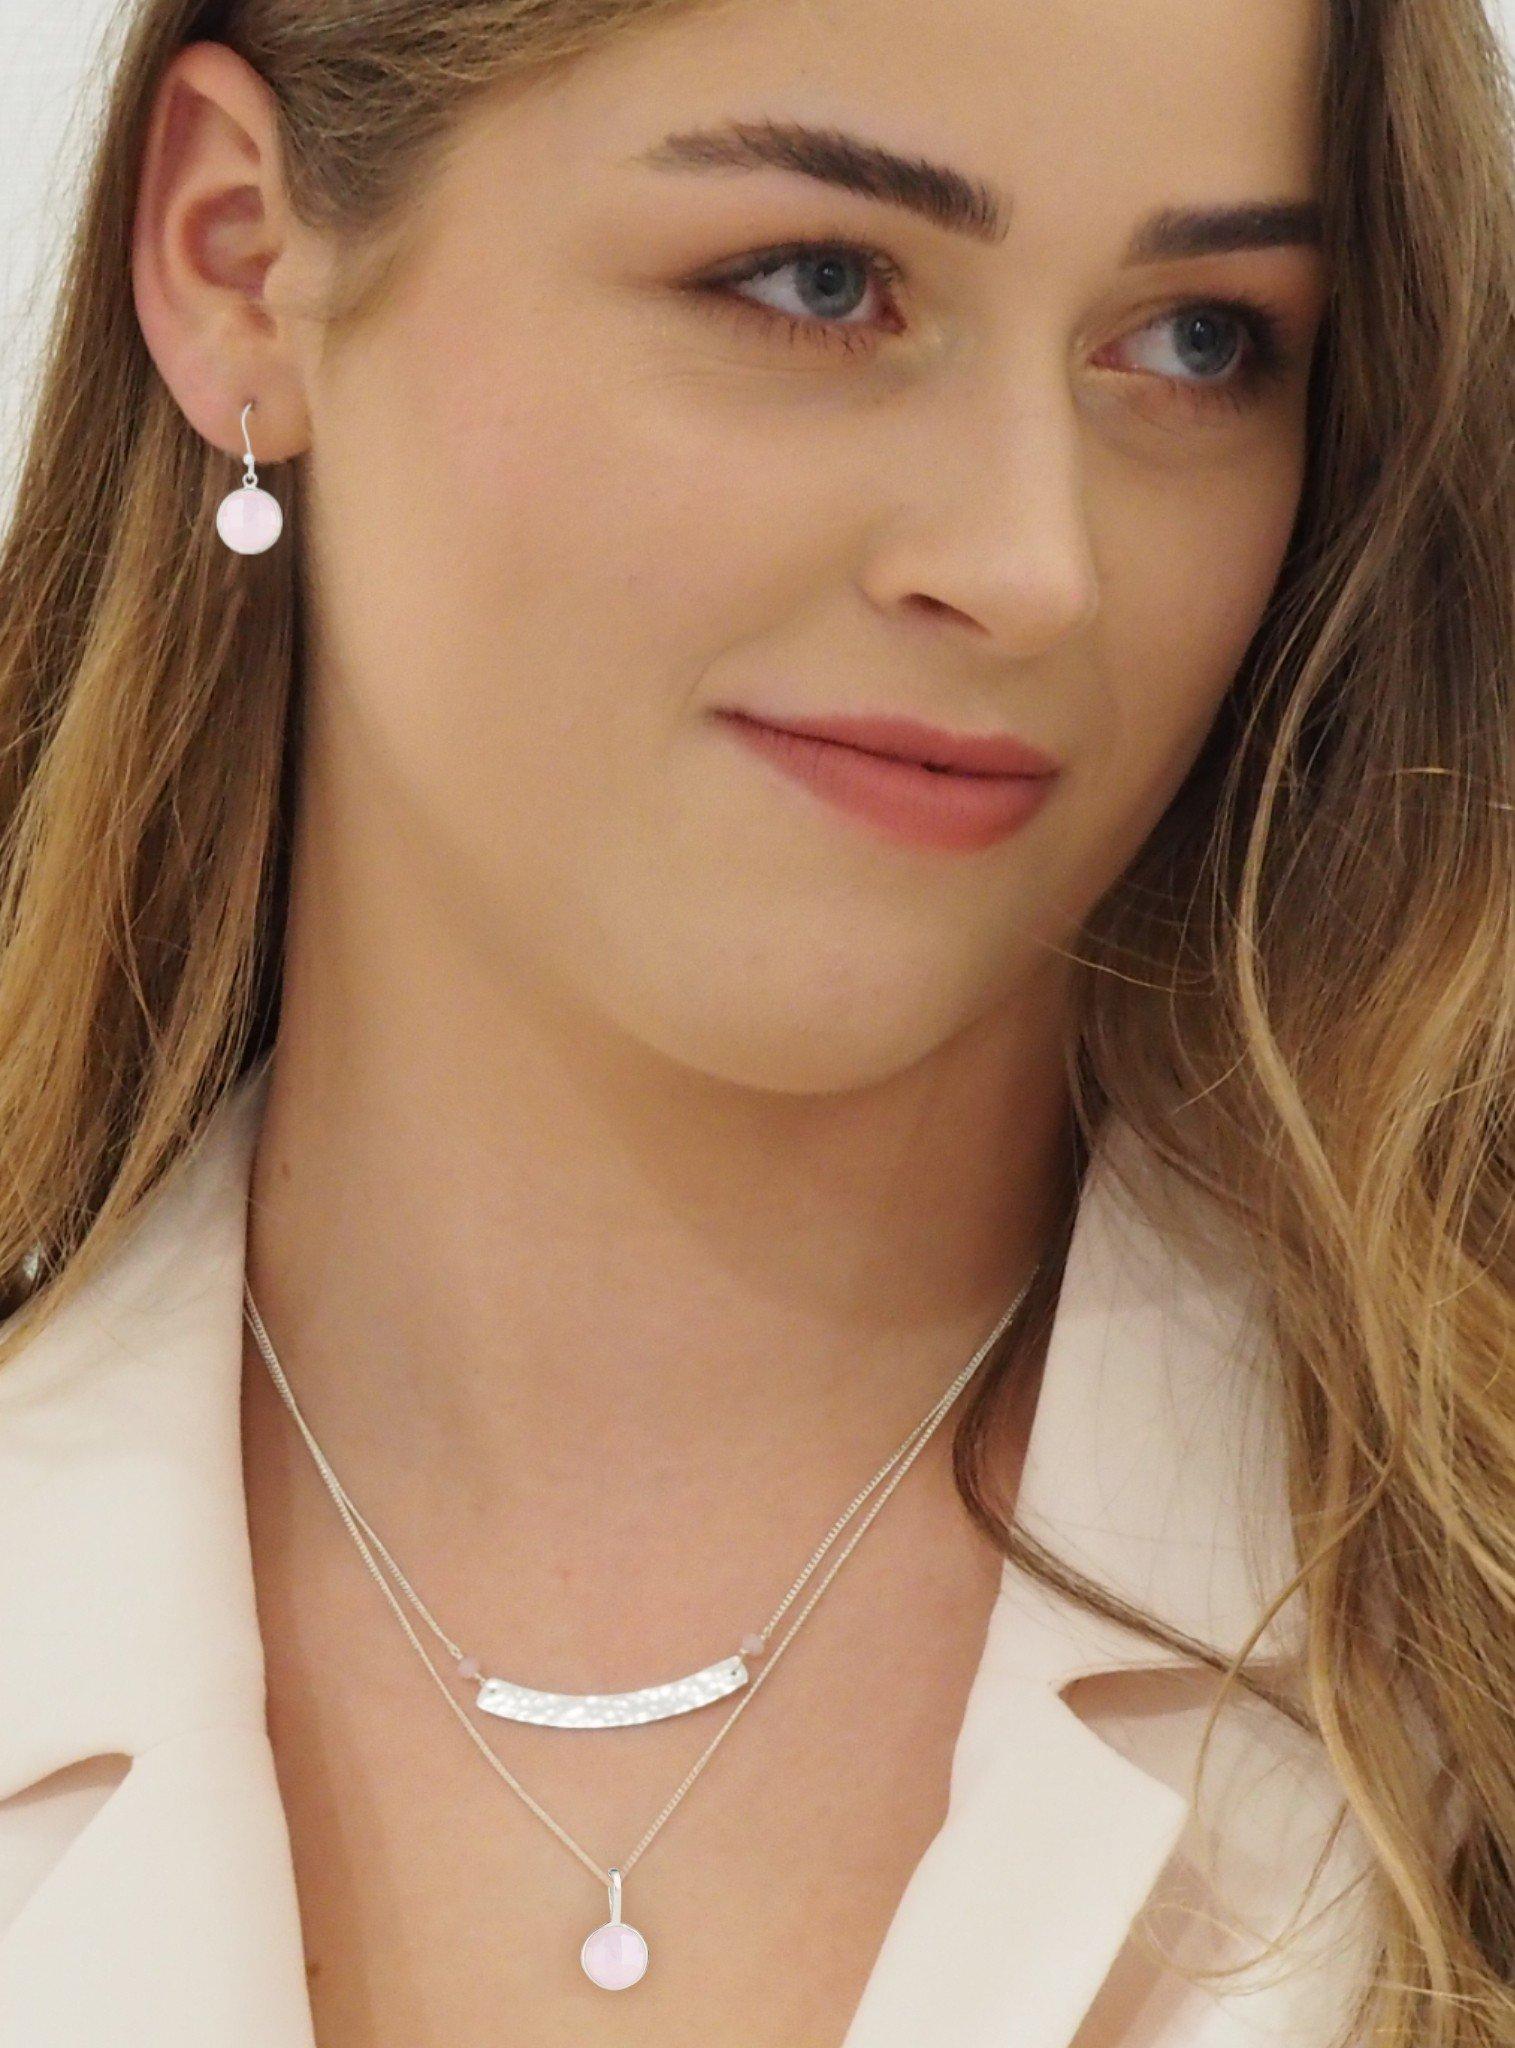 Belle Single Rose Quartz Pendant Necklace